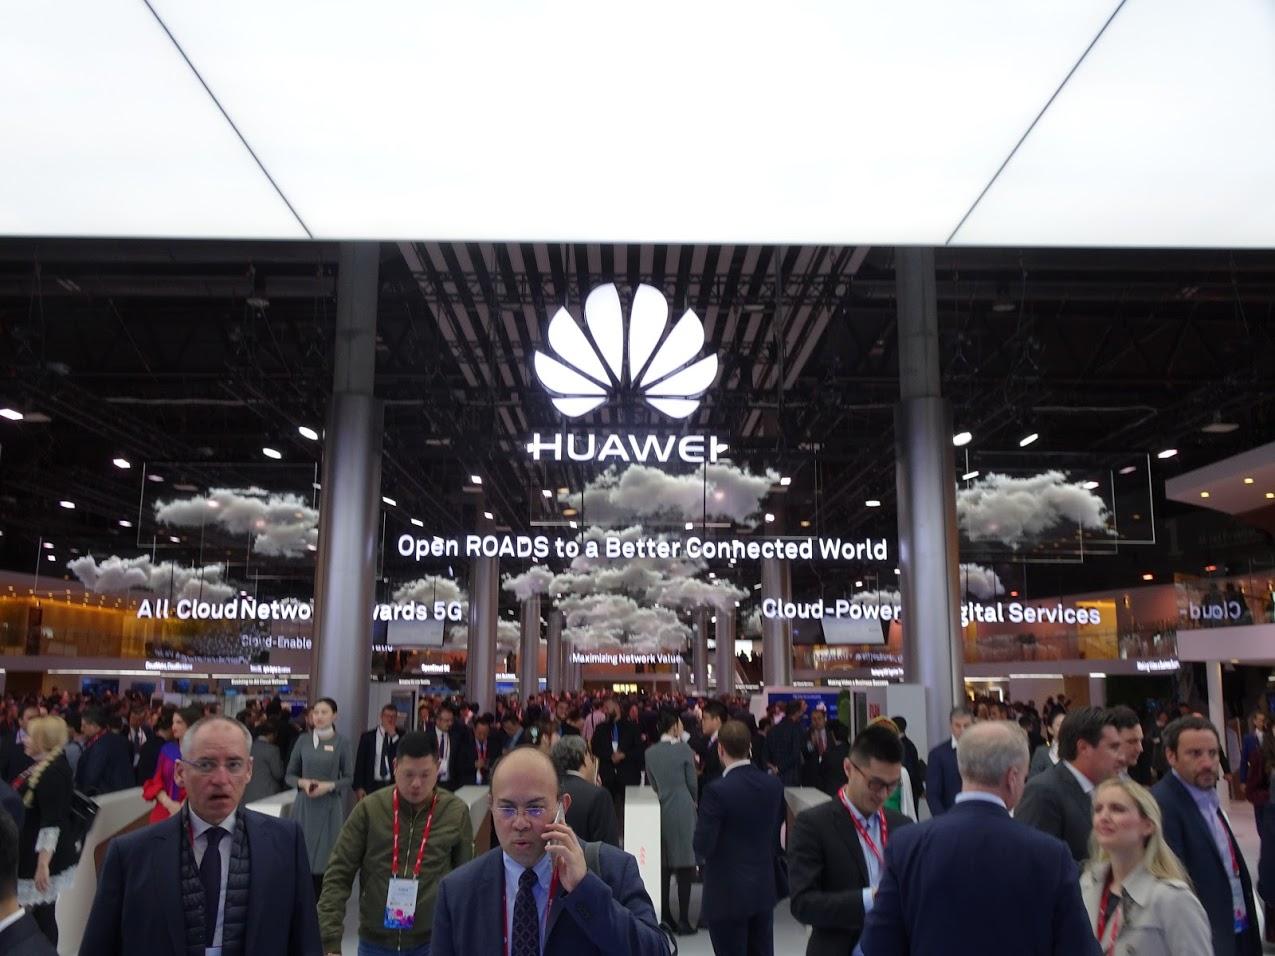 Android e Huawei: aggiornamento in arrivo ad Android Q e tante rassicurazioni sui prodotti Google